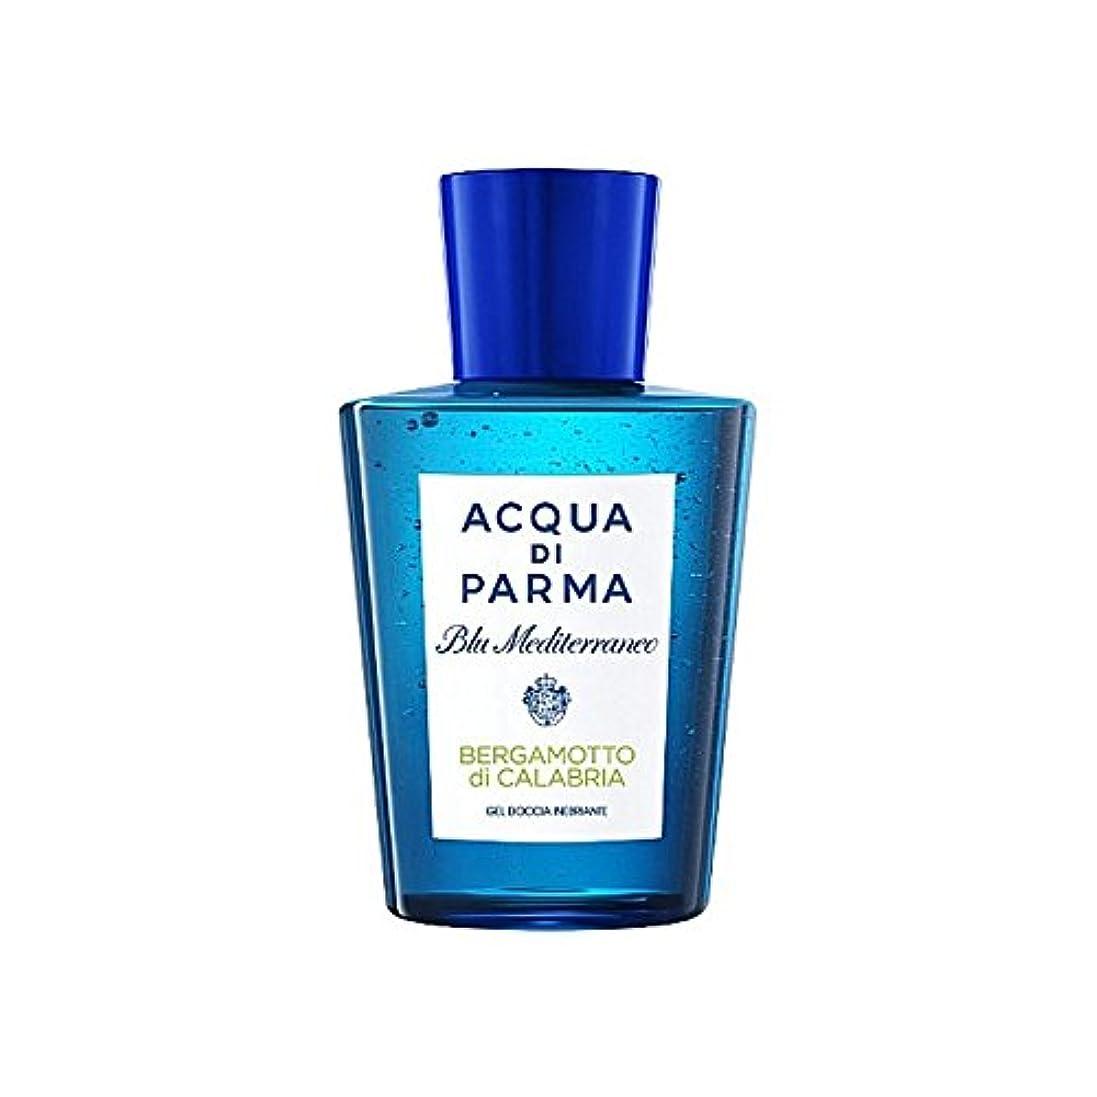 眠り亜熱帯自治Acqua Di Parma Blu Mediterraneo Bergamotto Di Calabria Shower Gel 200ml - アクアディパルマブルーメディのディカラブリアシャワージェル200 [並行輸入品]